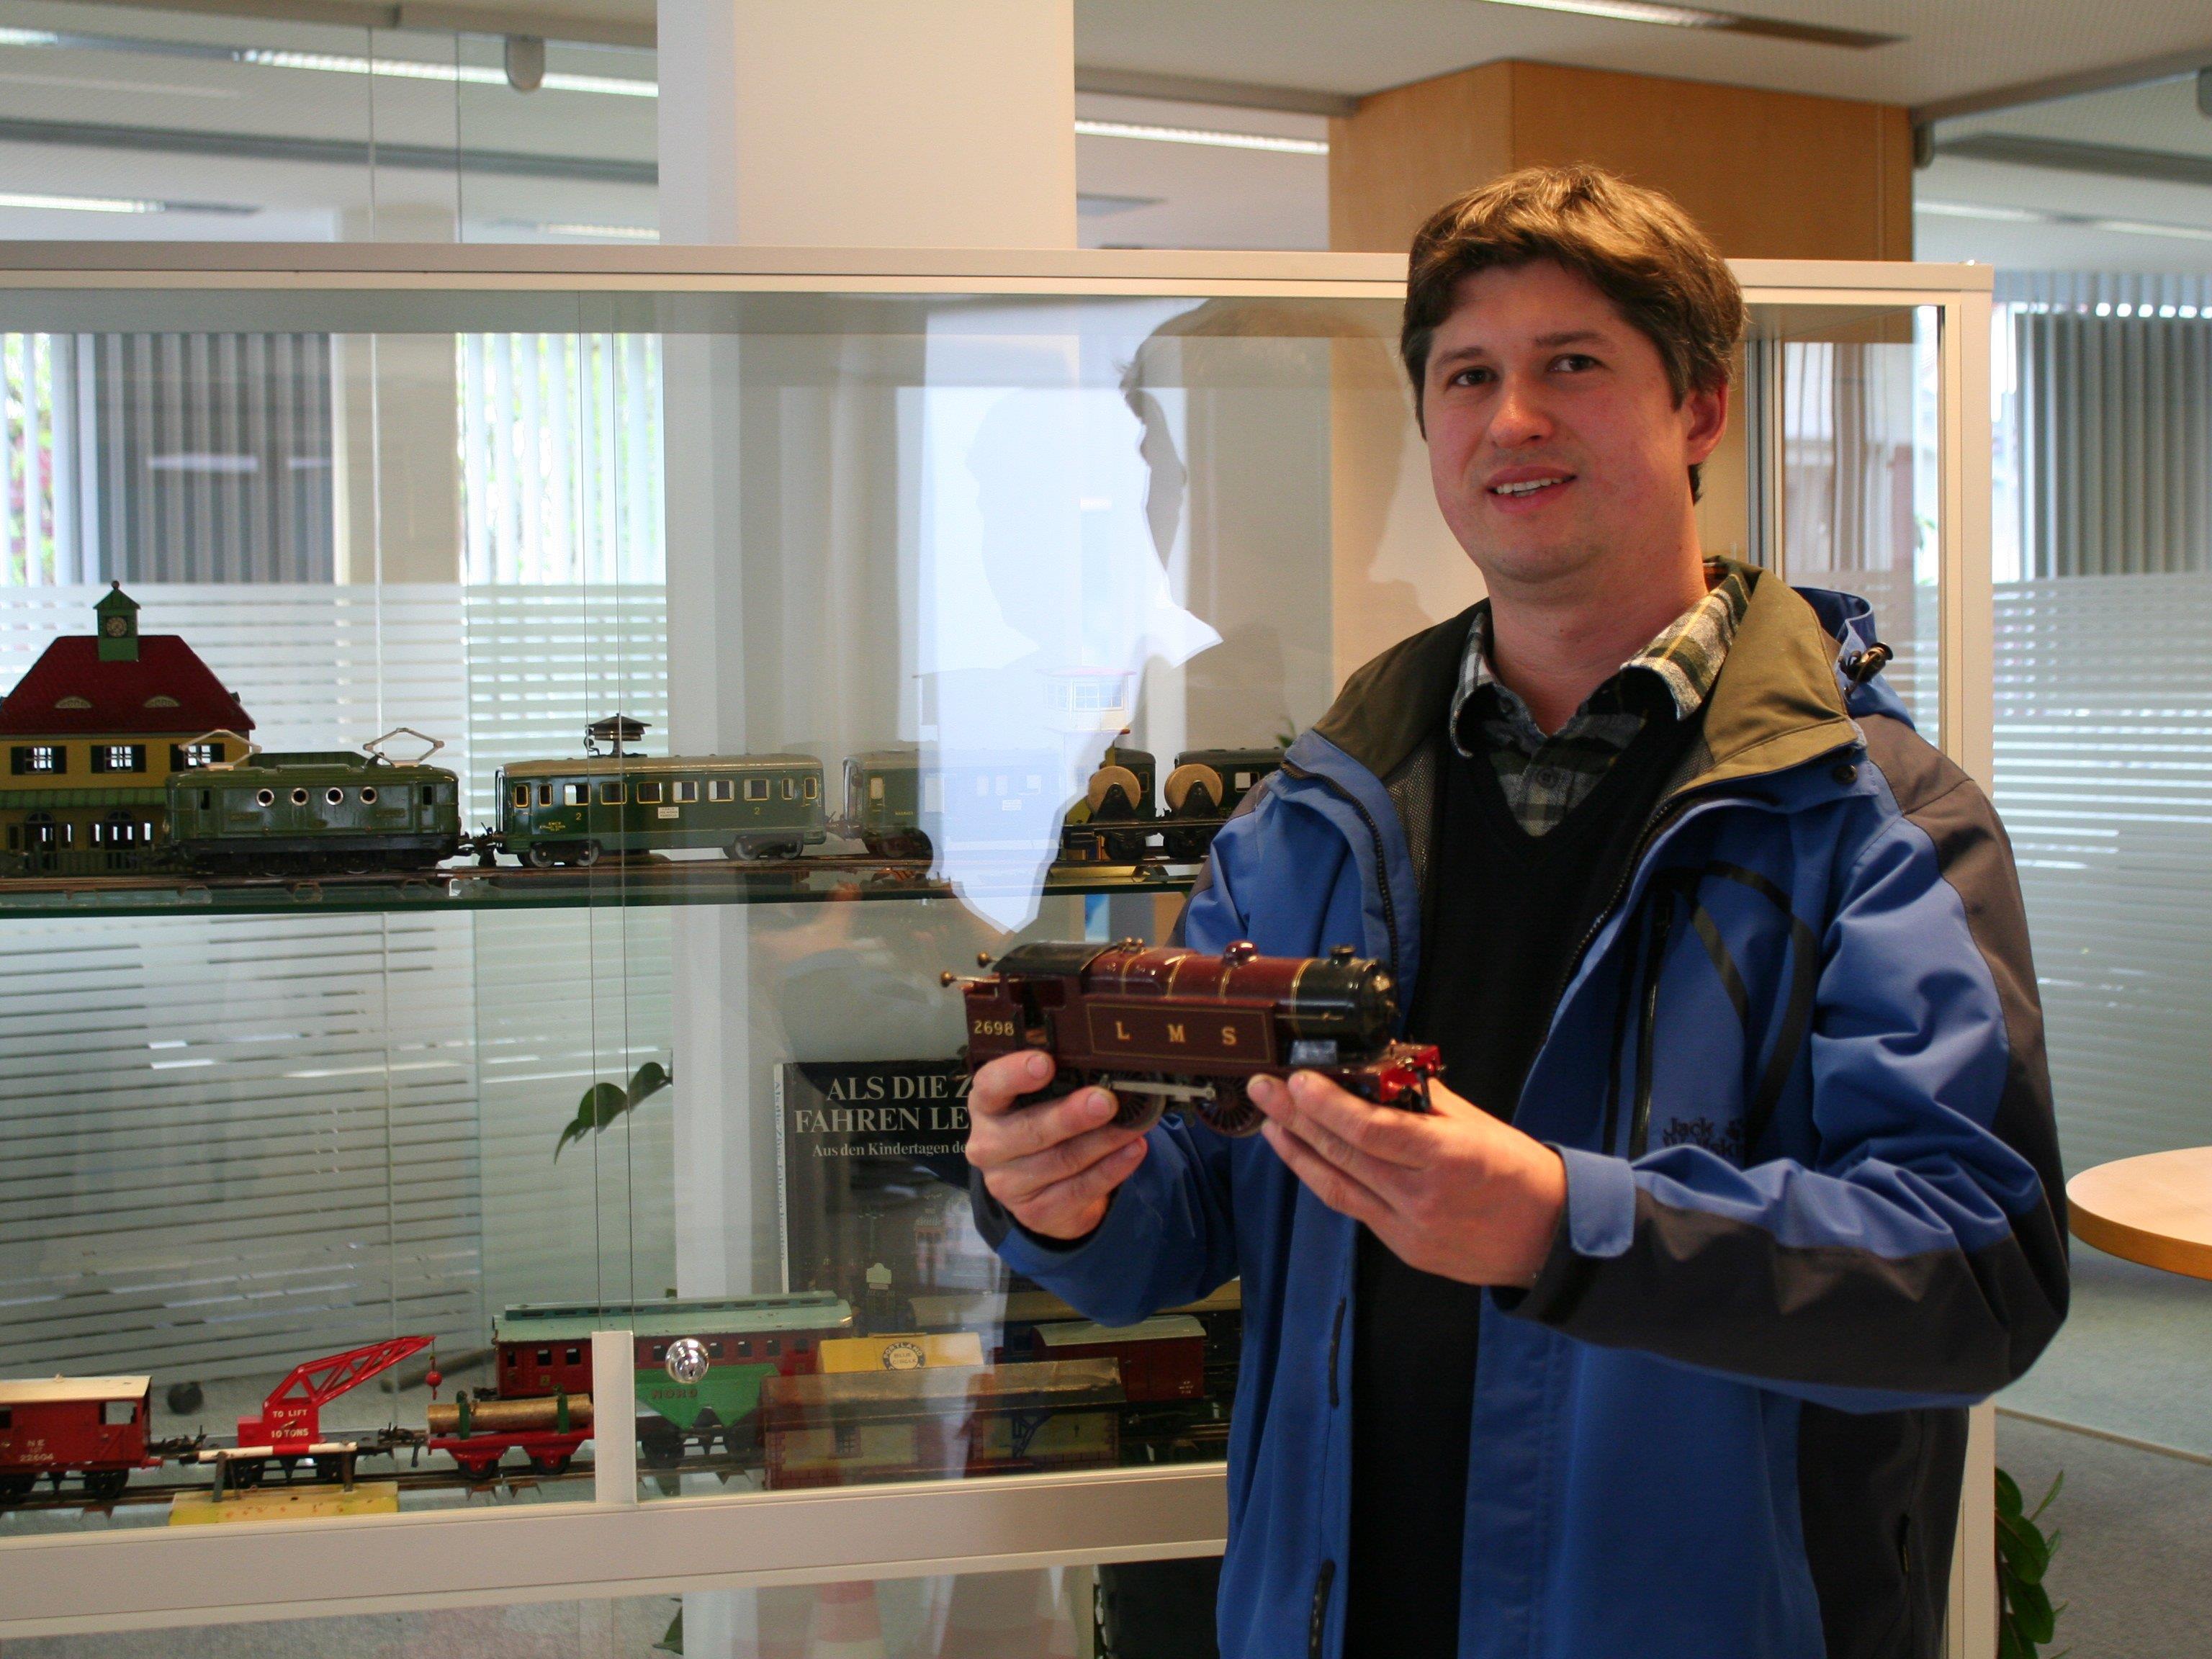 Die Faszination an Blecheisenbahnen hat diesen Sammler aus Feldkirch gepackt.